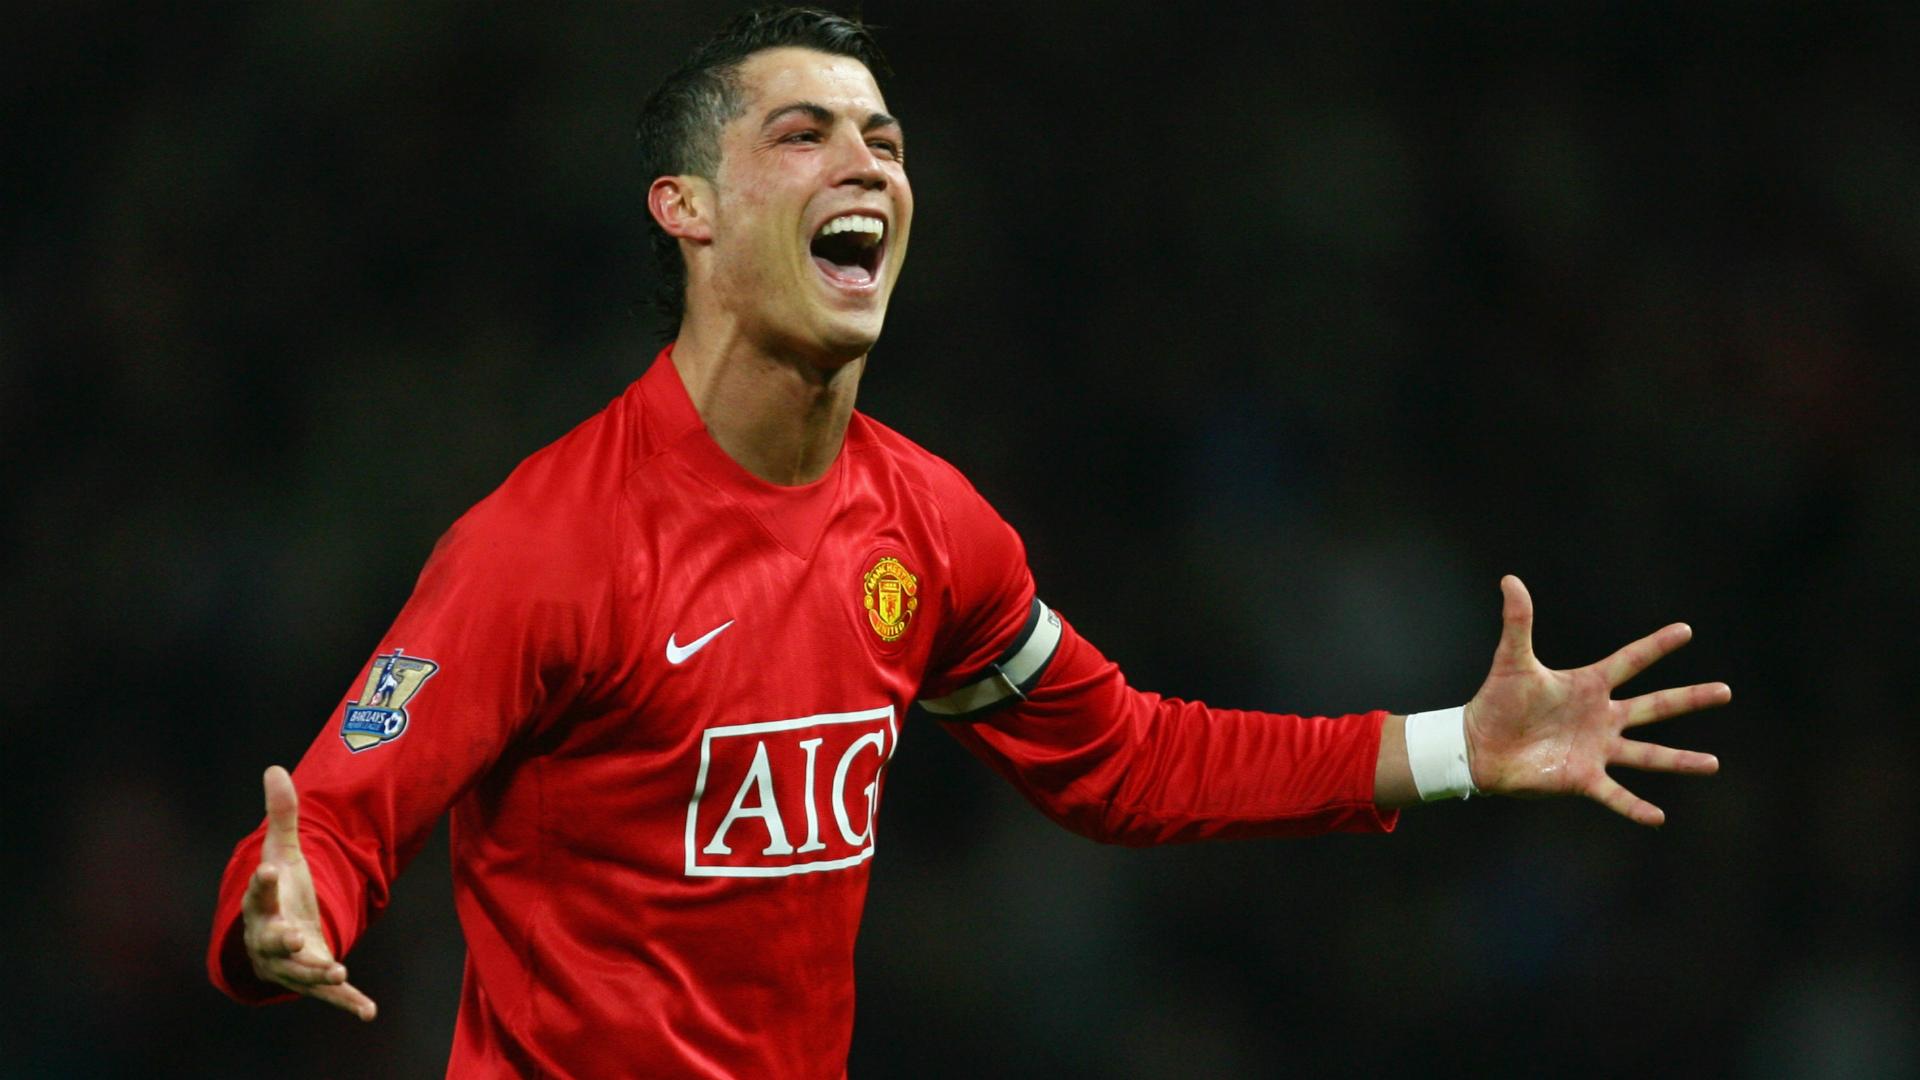 700 Cristiano Ronaldo Manchester United